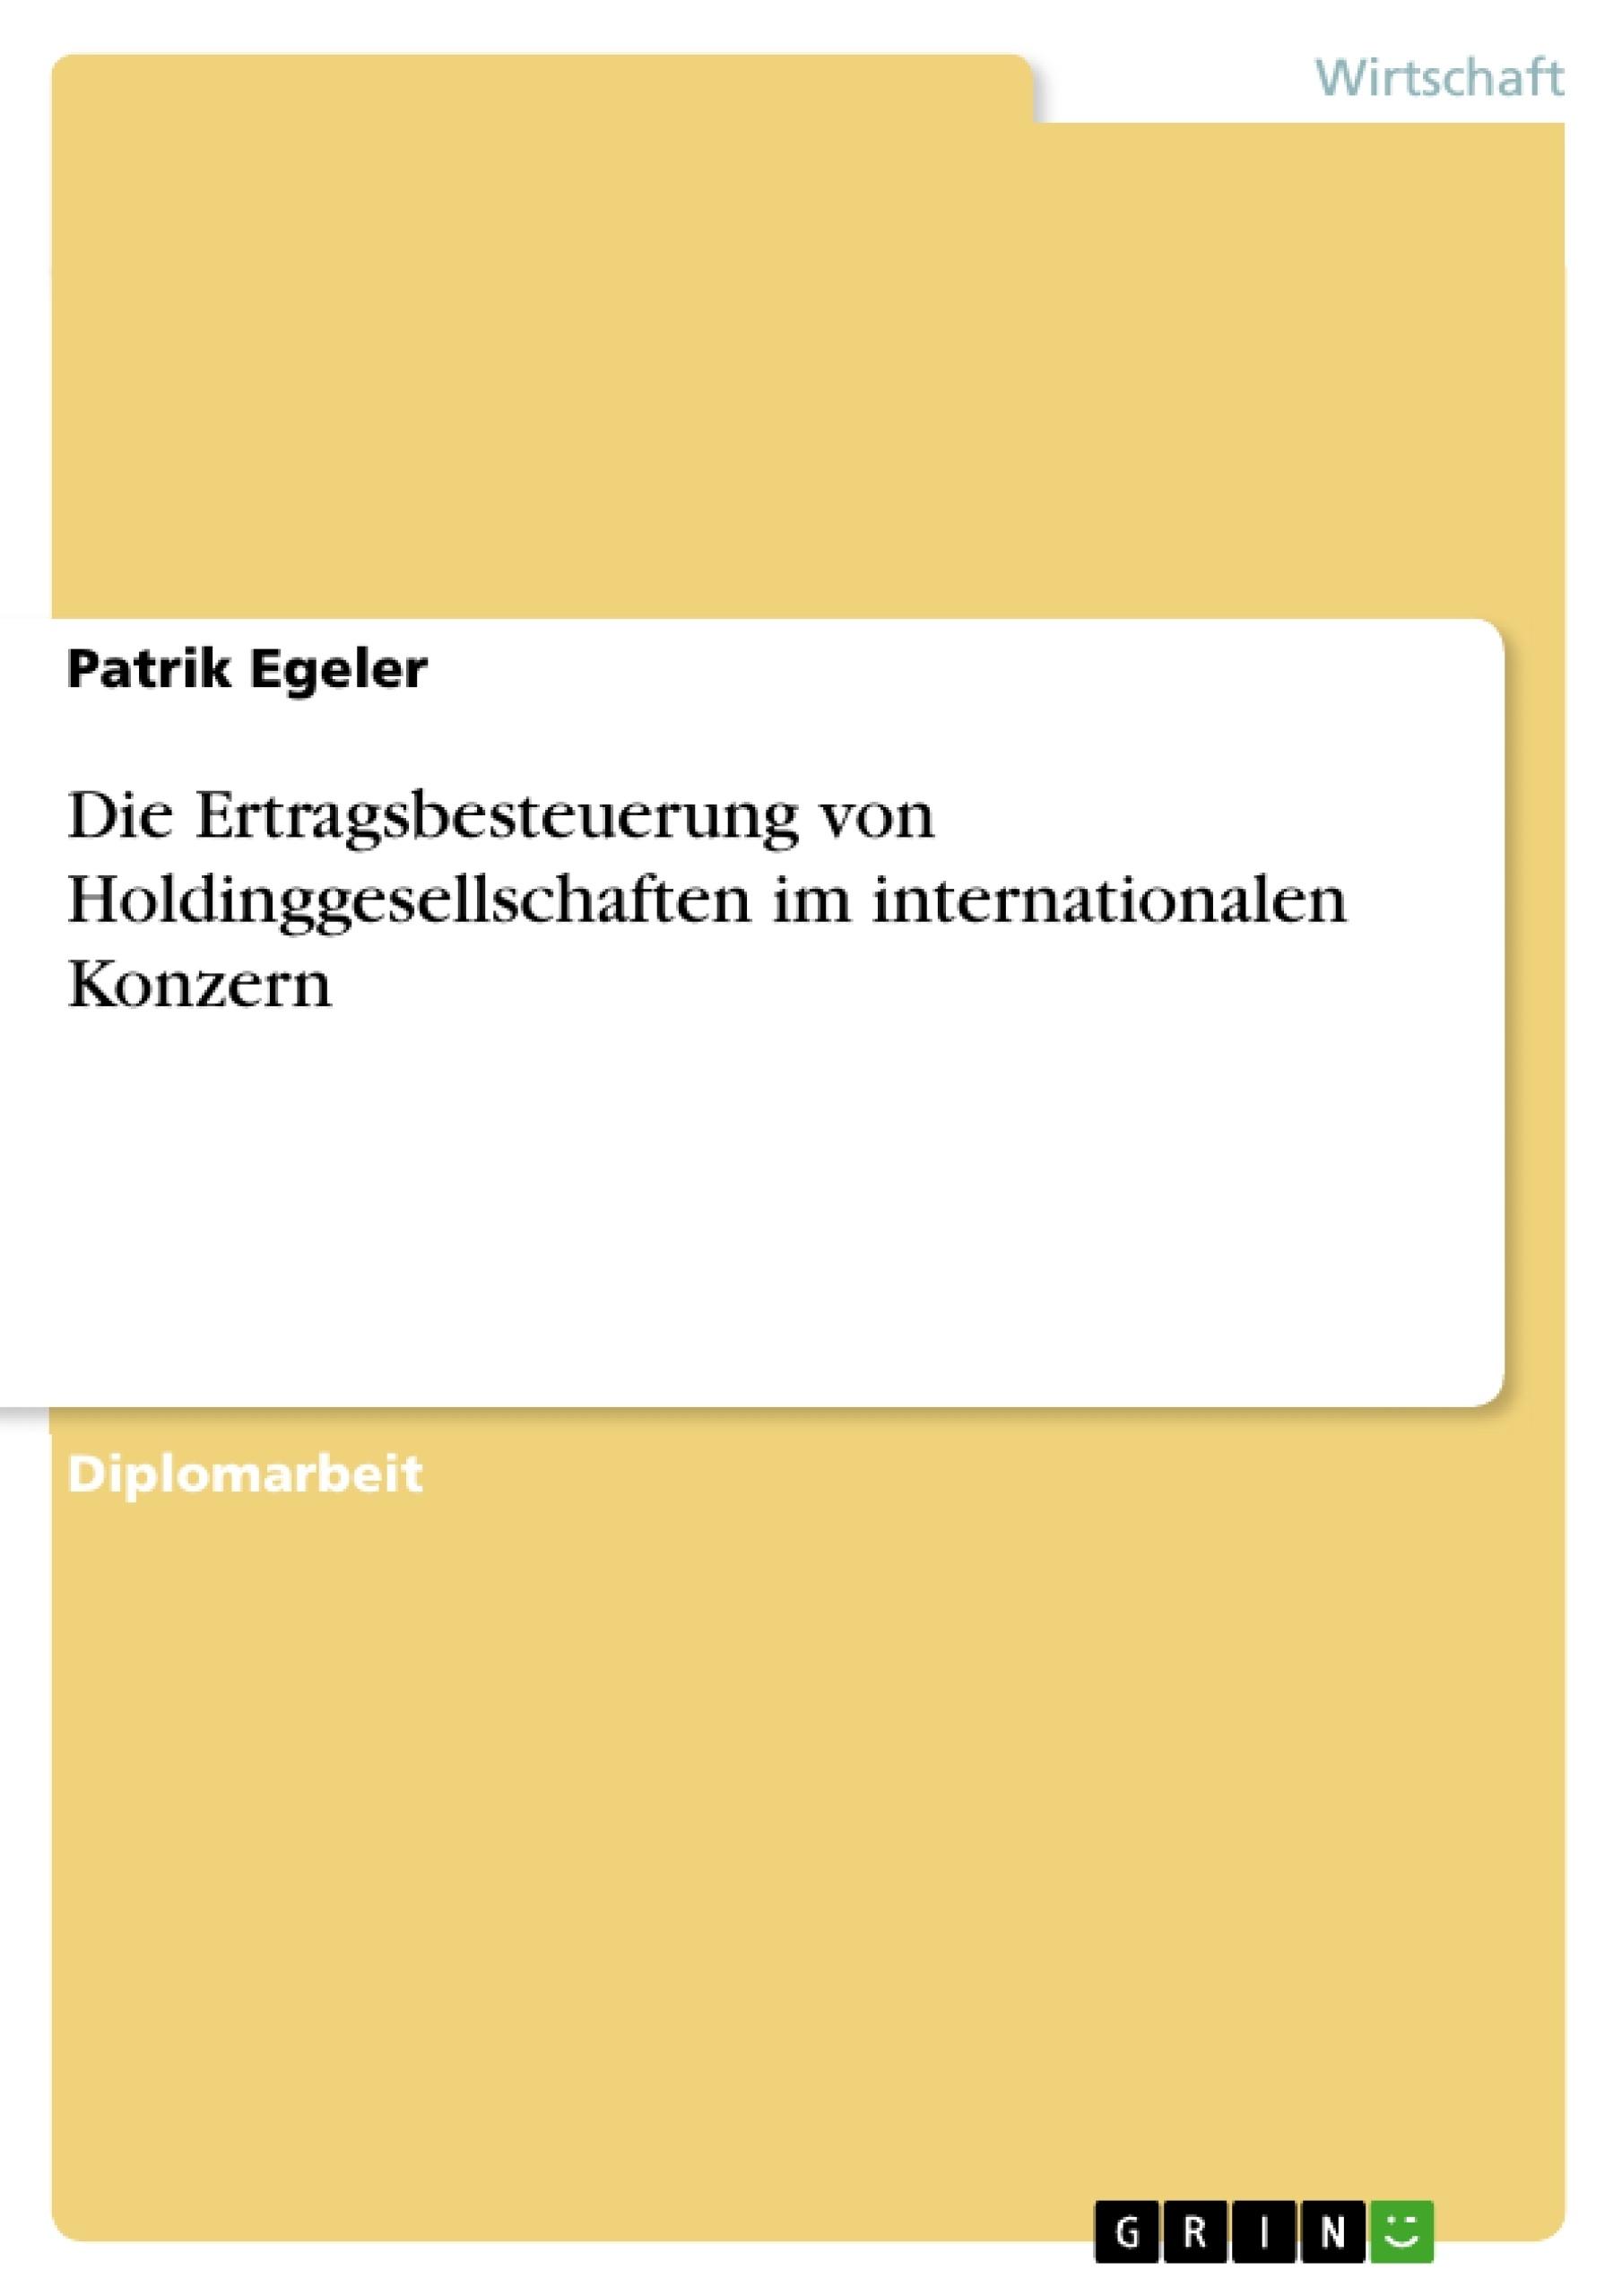 Titel: Die Ertragsbesteuerung von Holdinggesellschaften im internationalen Konzern